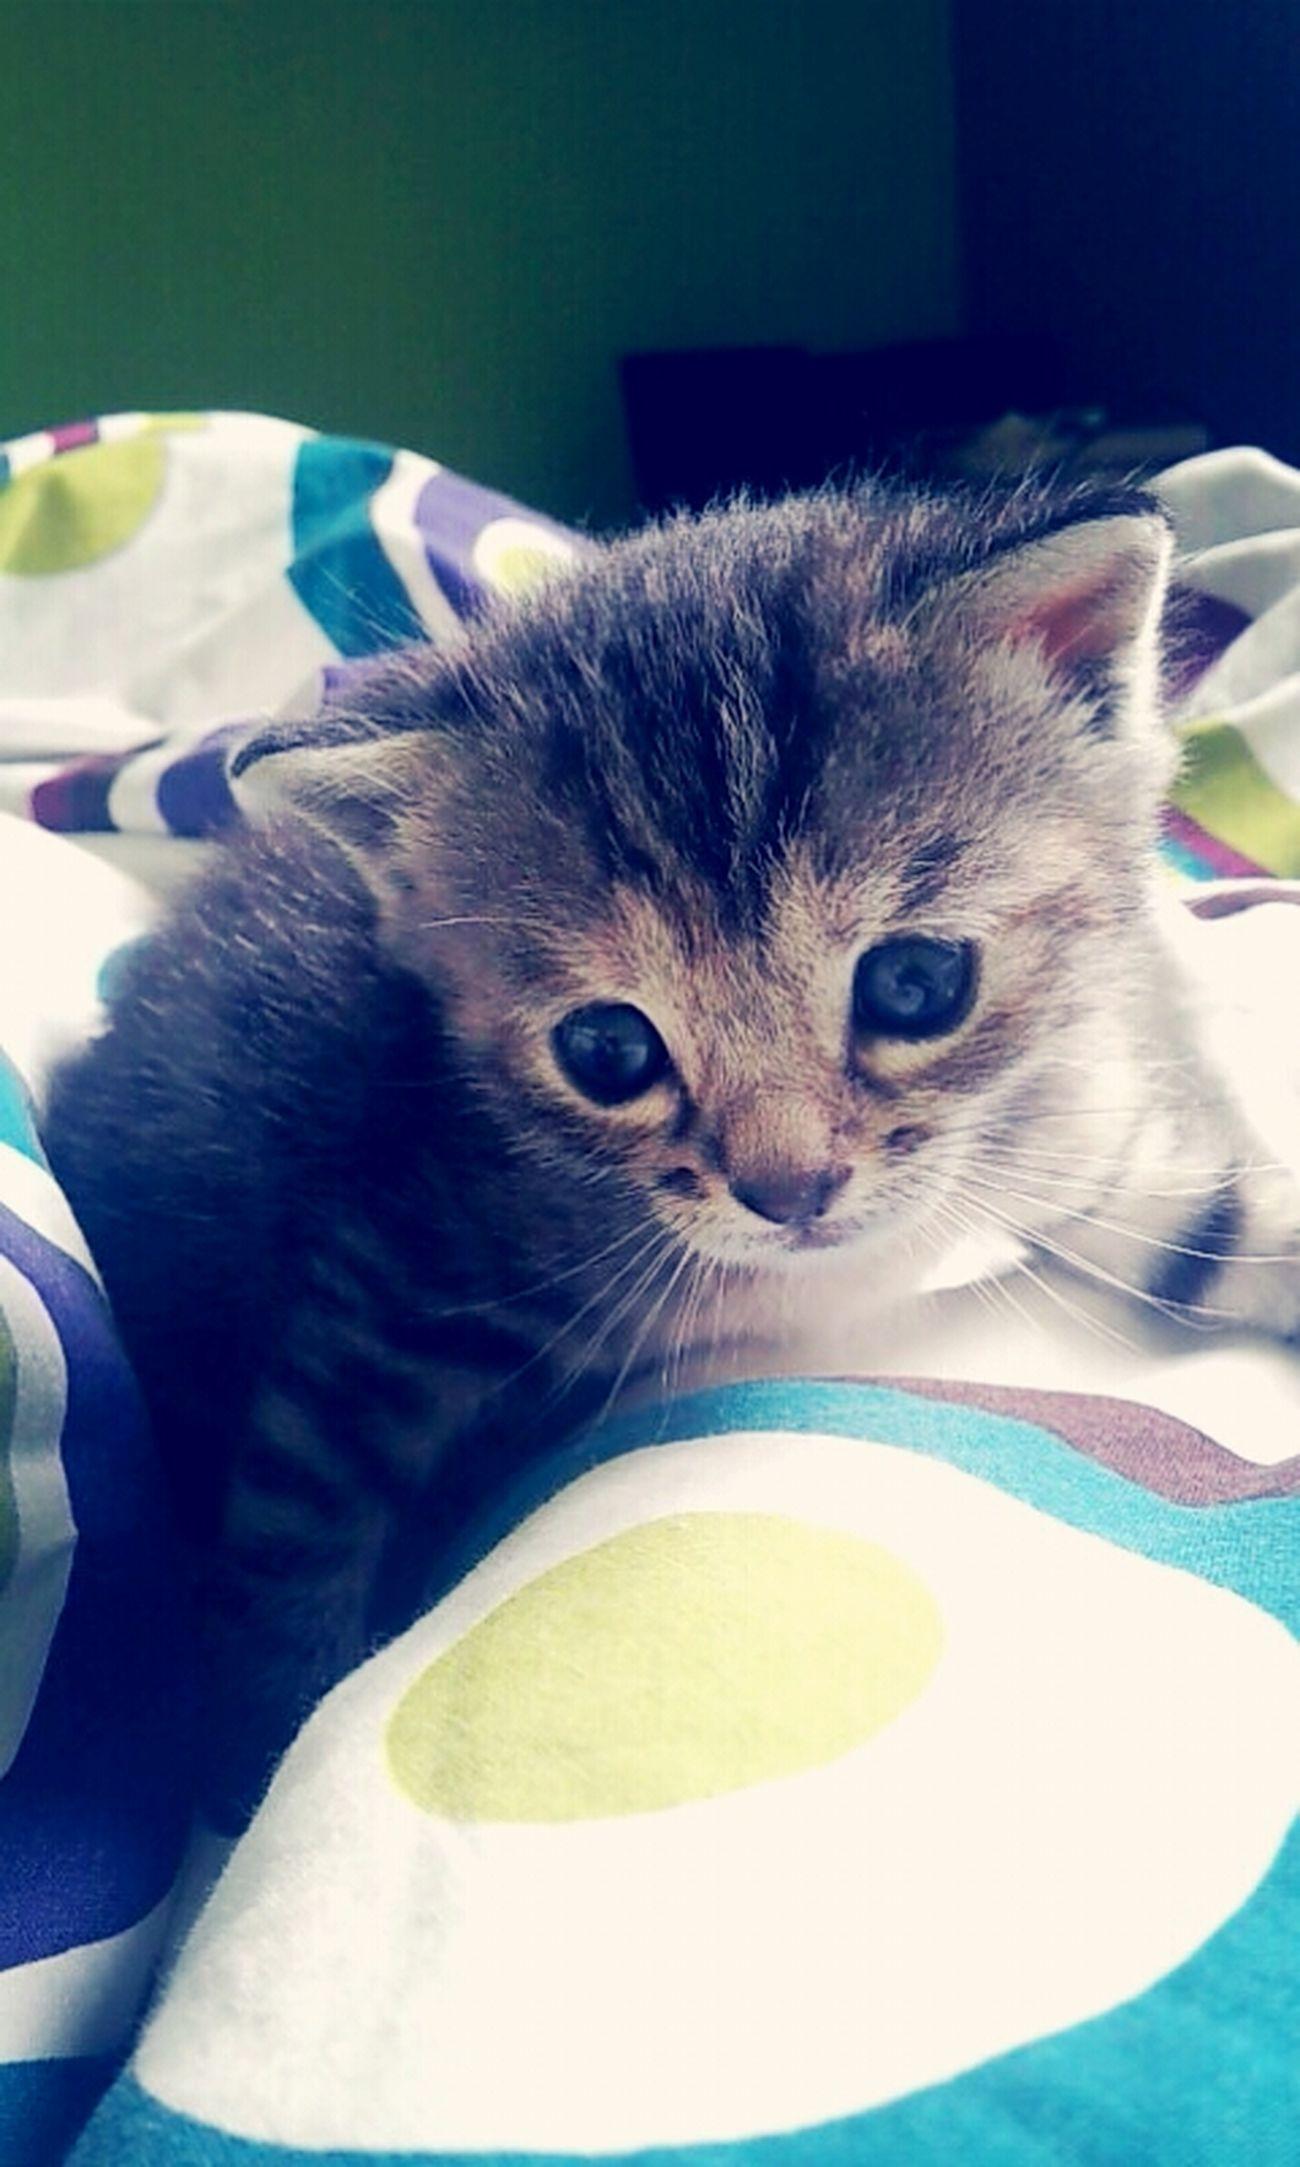 Kattycat Cat Cute Tala